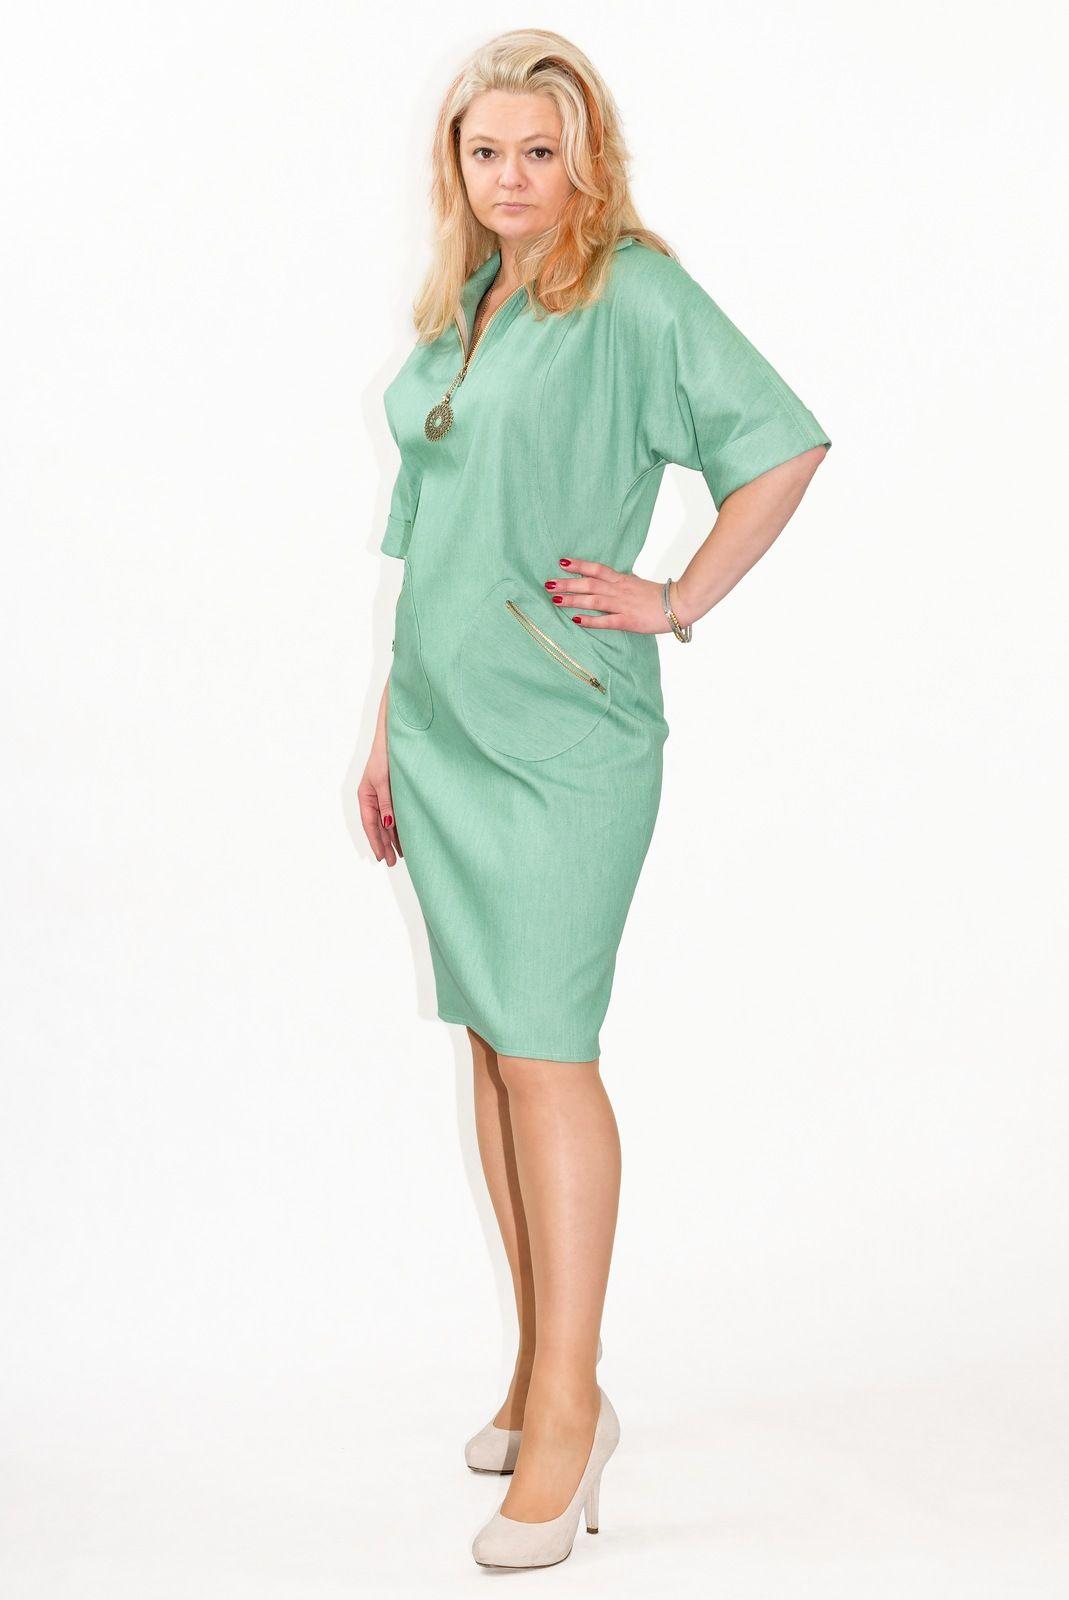 02d7471163  elegancka  sukienka  xxl  plus  size Larissa2  duże  rozmiary 38 - 52   XELKA  sklep  internetowy  online